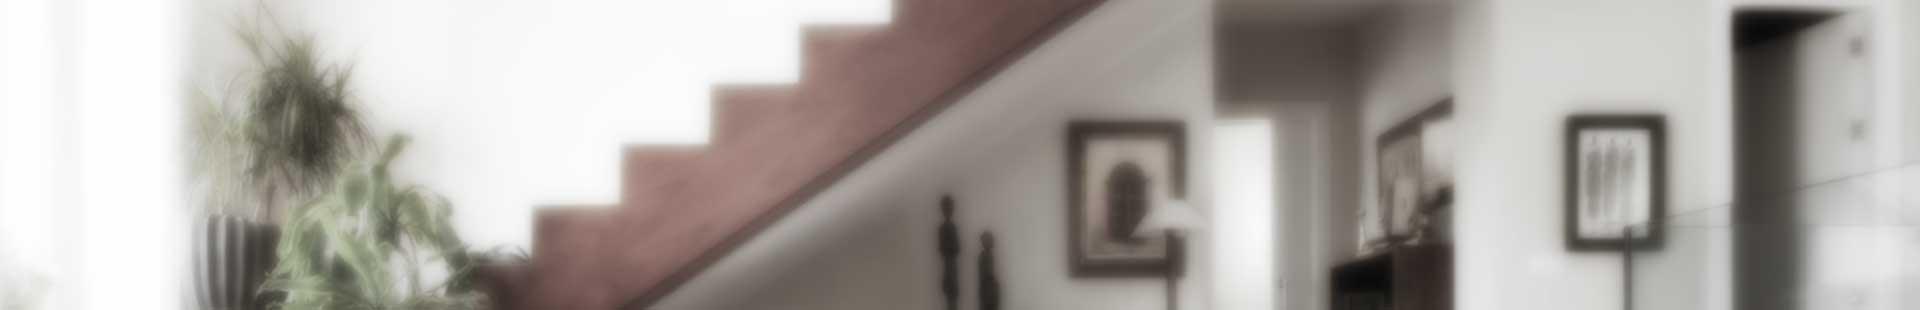 Header escalier